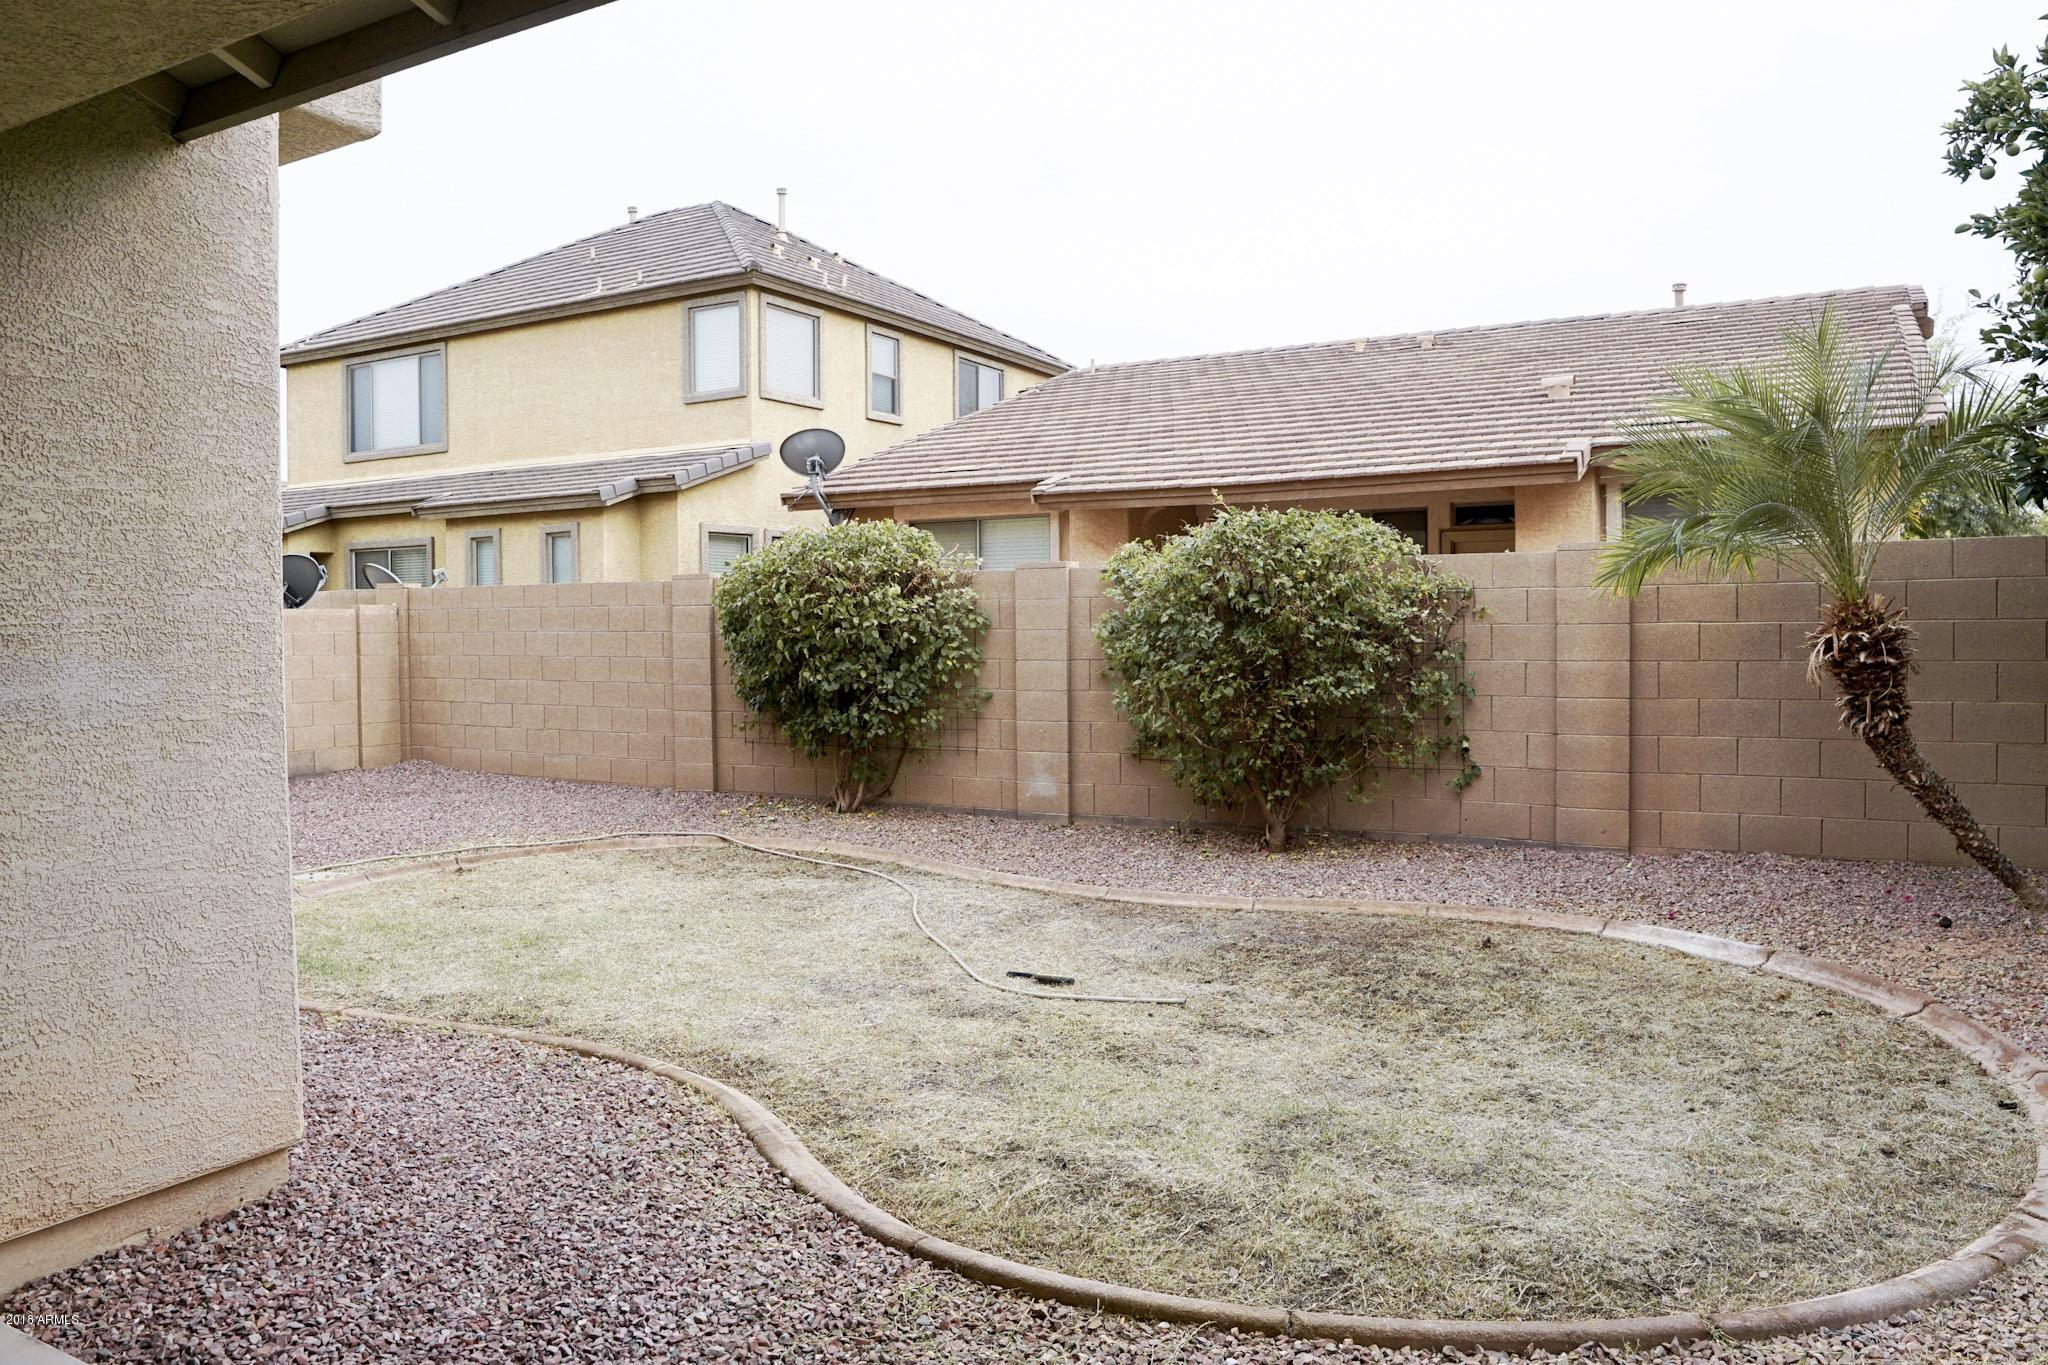 MLS 5841693 3137 S SOUTHWIND Drive, Gilbert, AZ 85295 Gilbert AZ Spectrum